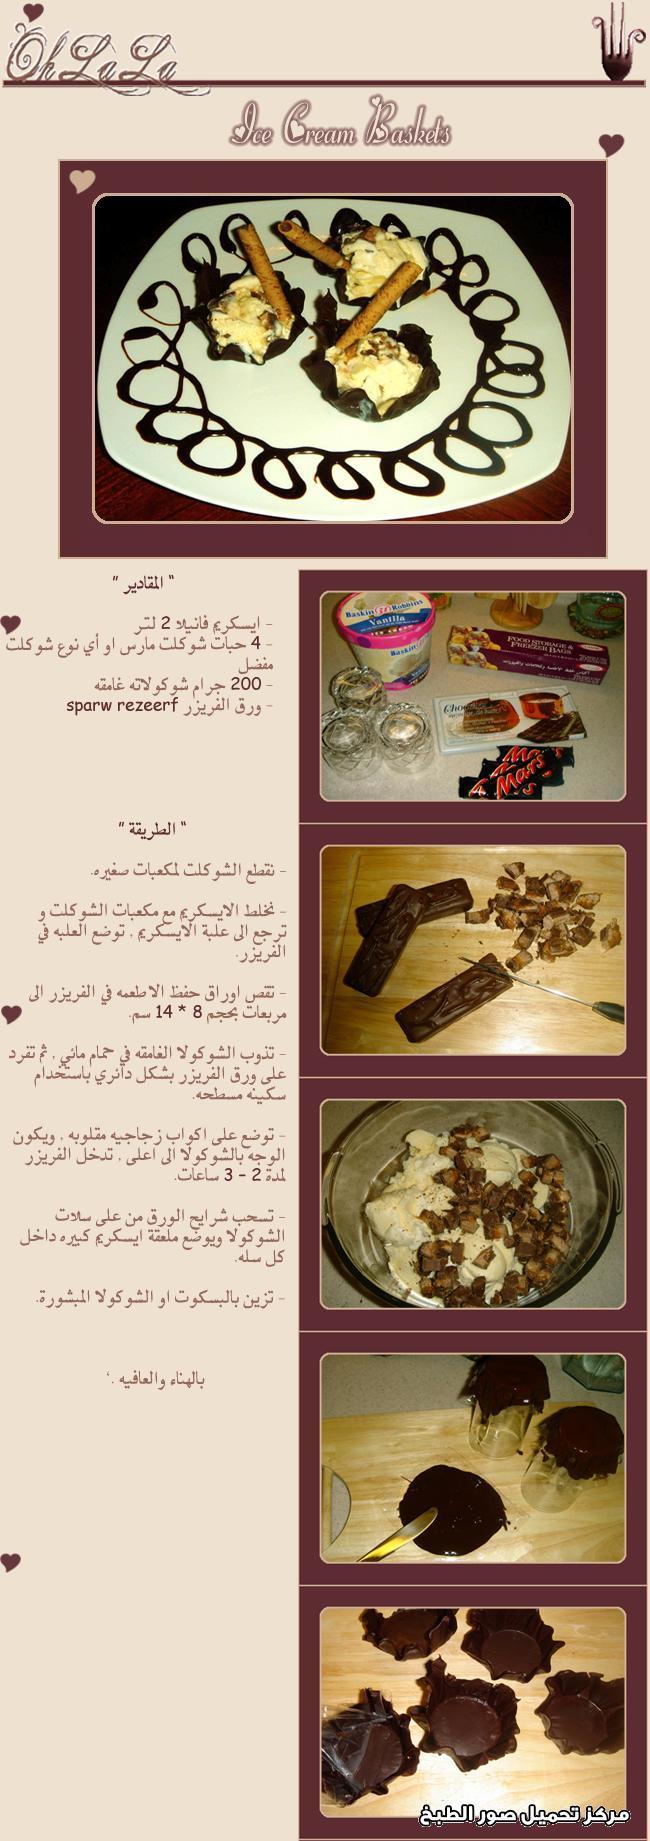 http://www.encyclopediacooking.com/upload_recipes_online/uploads/images_%D8%A7%D9%8A%D8%B3-%D9%83%D8%B1%D9%8A%D9%85-%D8%A8%D8%A7%D9%84%D8%B5%D9%88%D8%B1-ice-cream-baskets.jpg